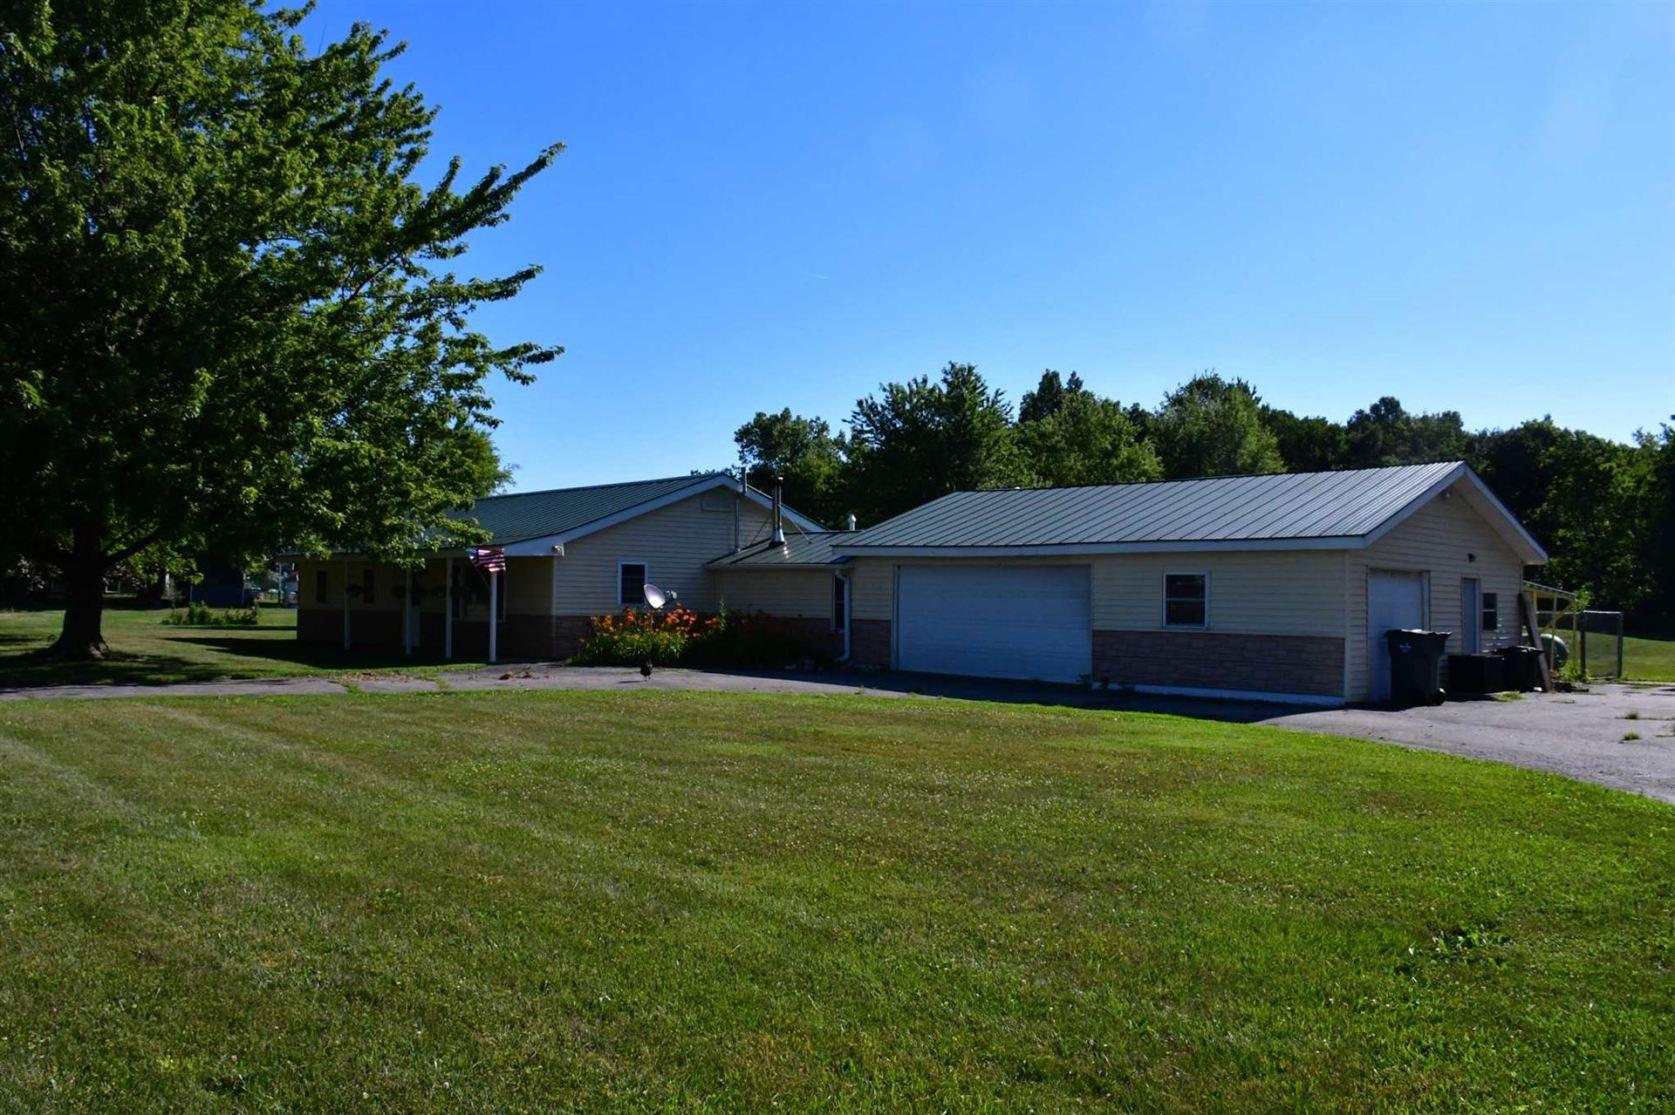 Photo of 64582 County Road 43, Goshen, IN 46528 (MLS # 202026821)